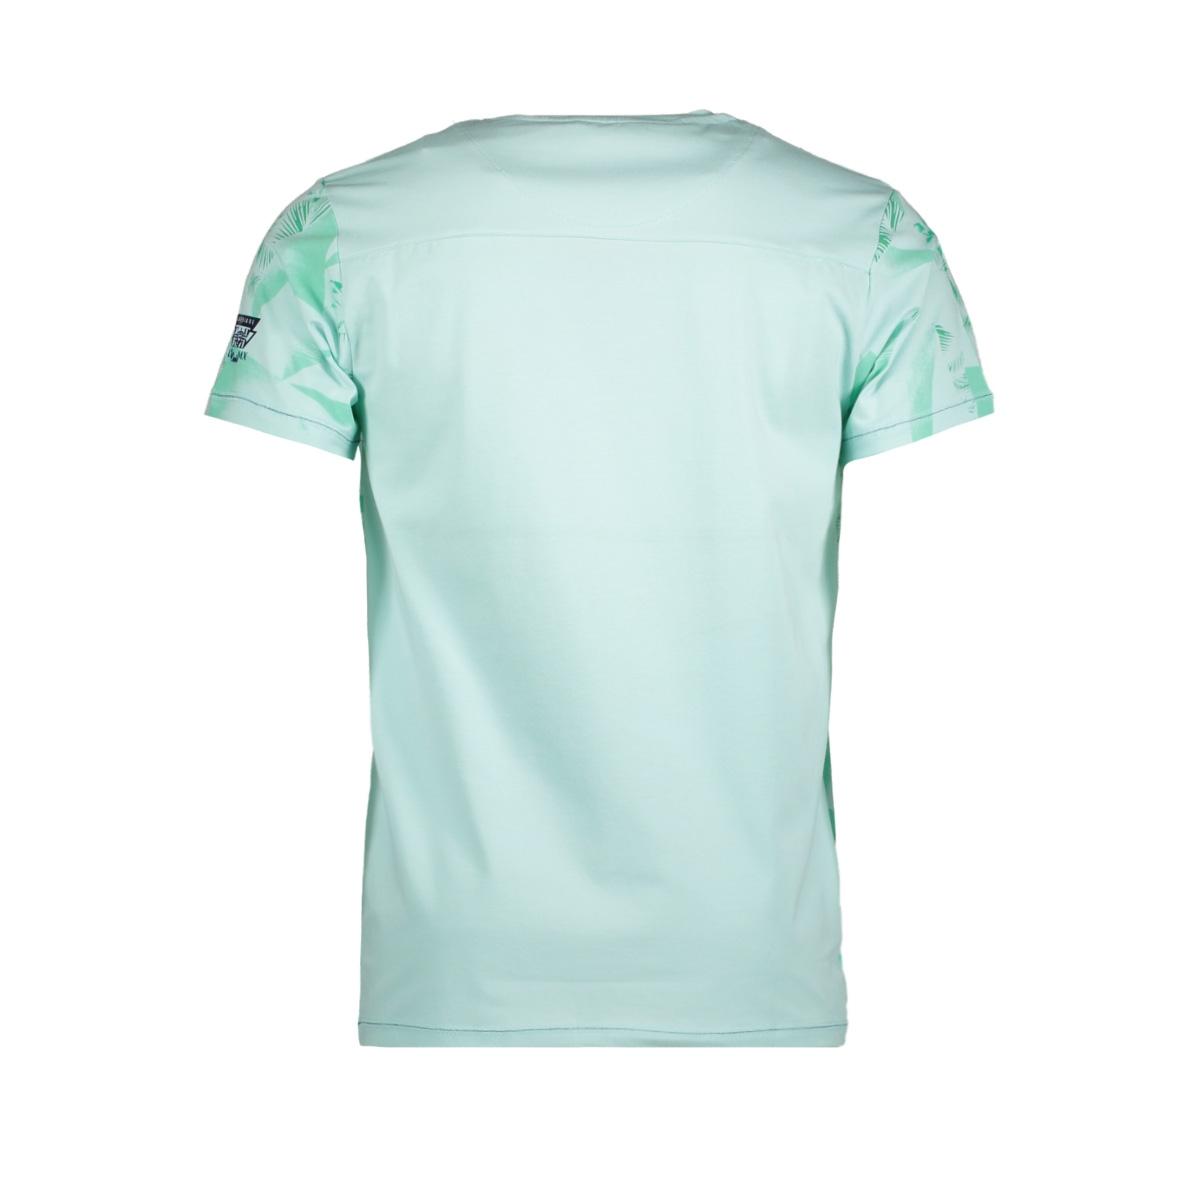 13898 gabbiano t-shirt light mint